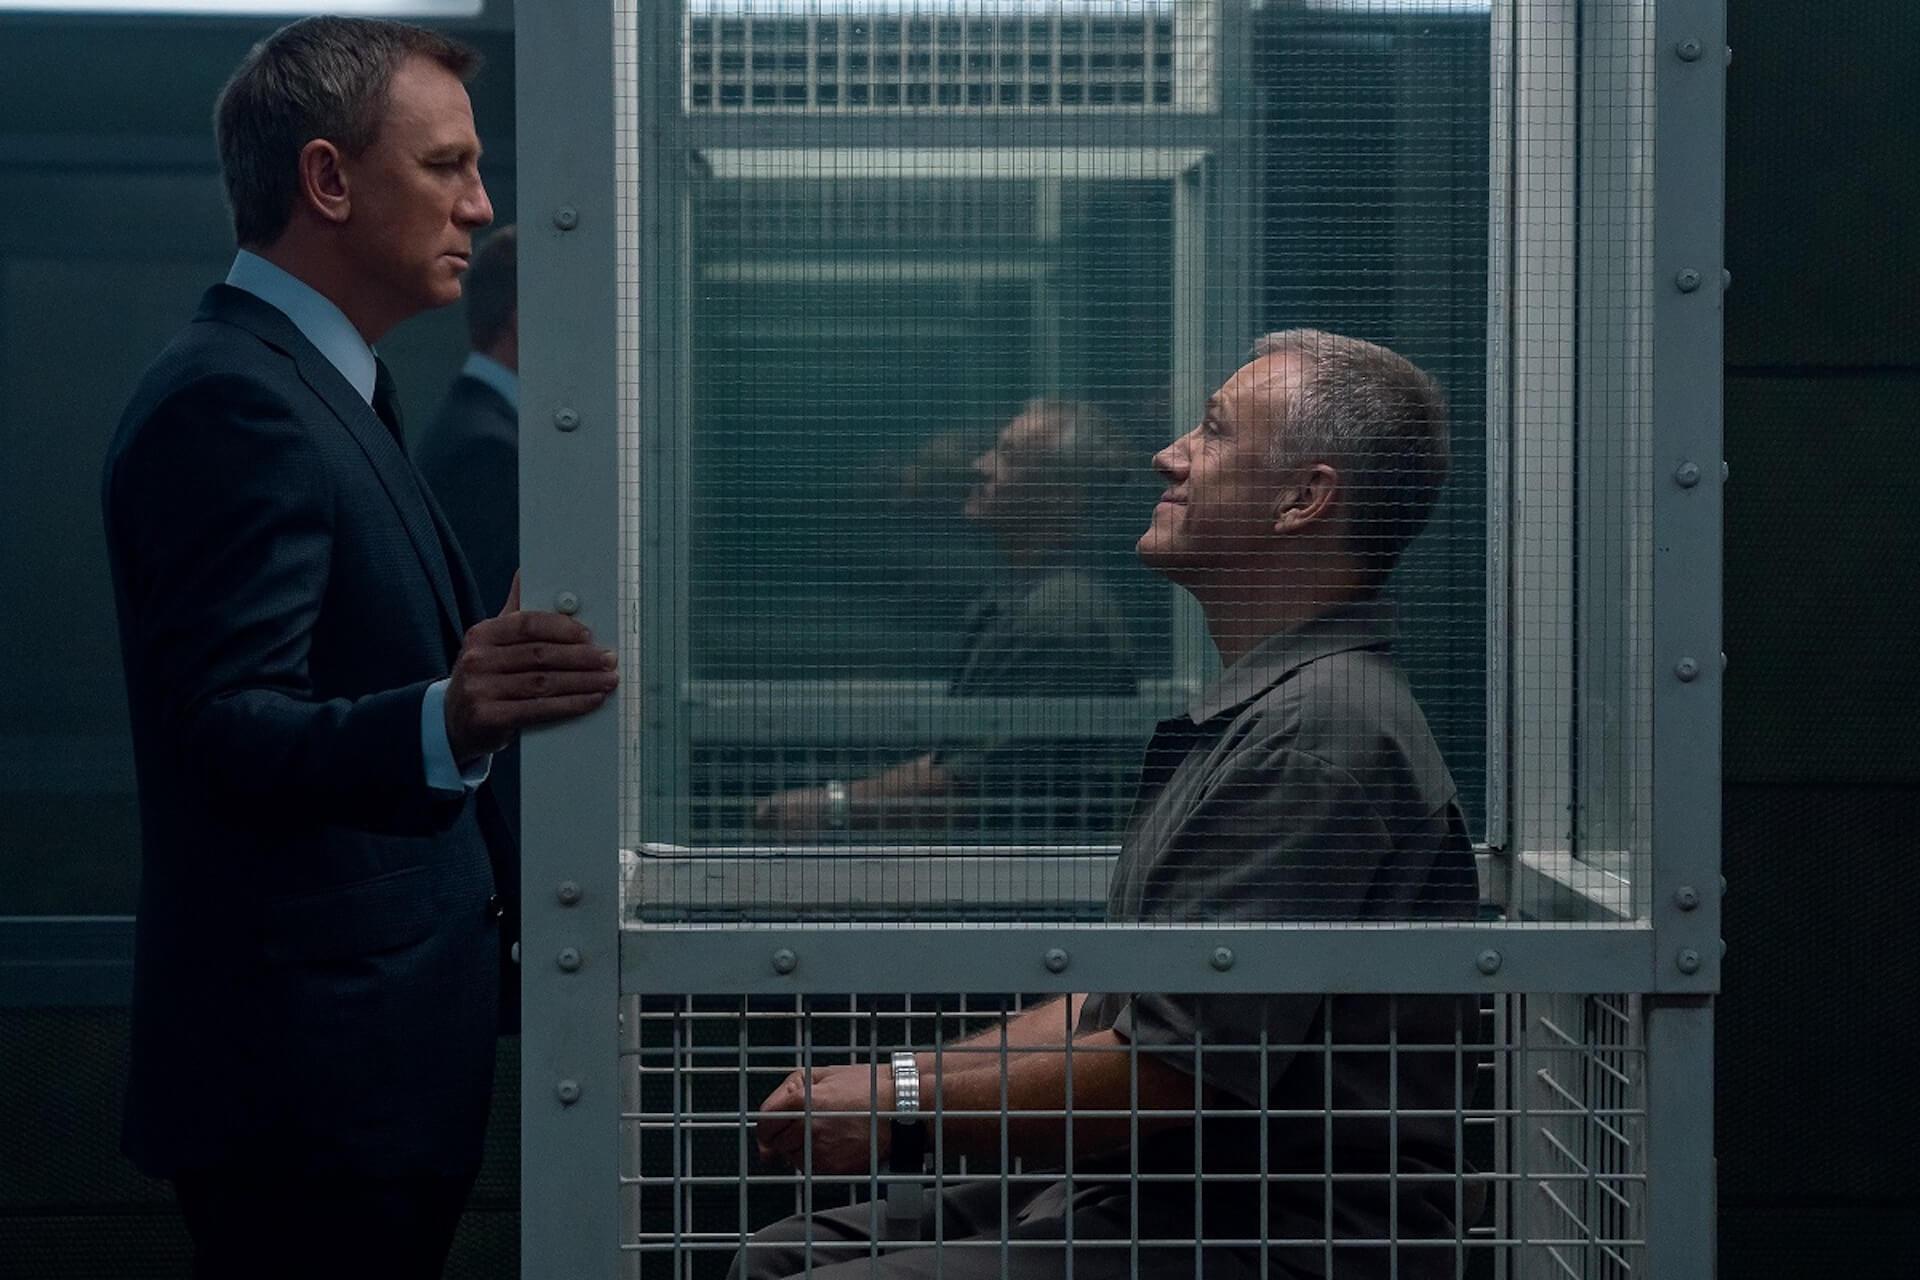 『007/ノー・タイム・トゥ・ダイ』公開前にシリーズを振り返る!ダニエルボンドのストーリーを辿る特別映像解禁 film210917_007_ntd_main